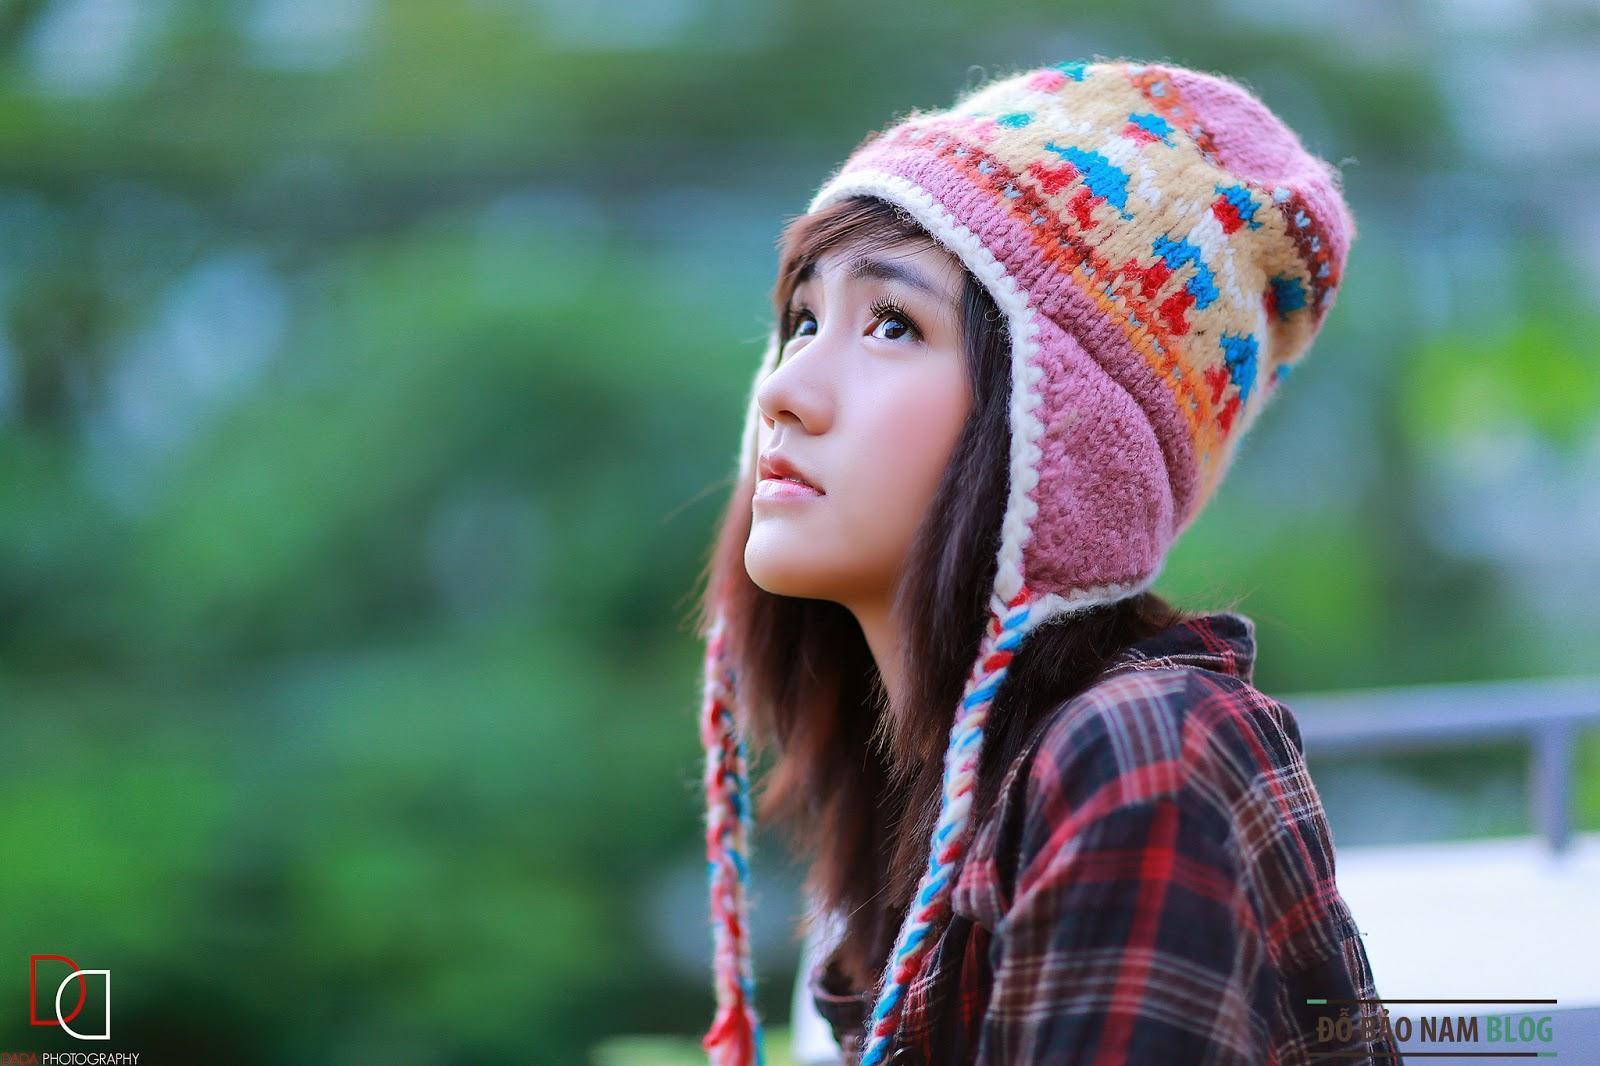 Ảnh đẹp girl xinh mới nhất 2014 được tuyển chọn 09